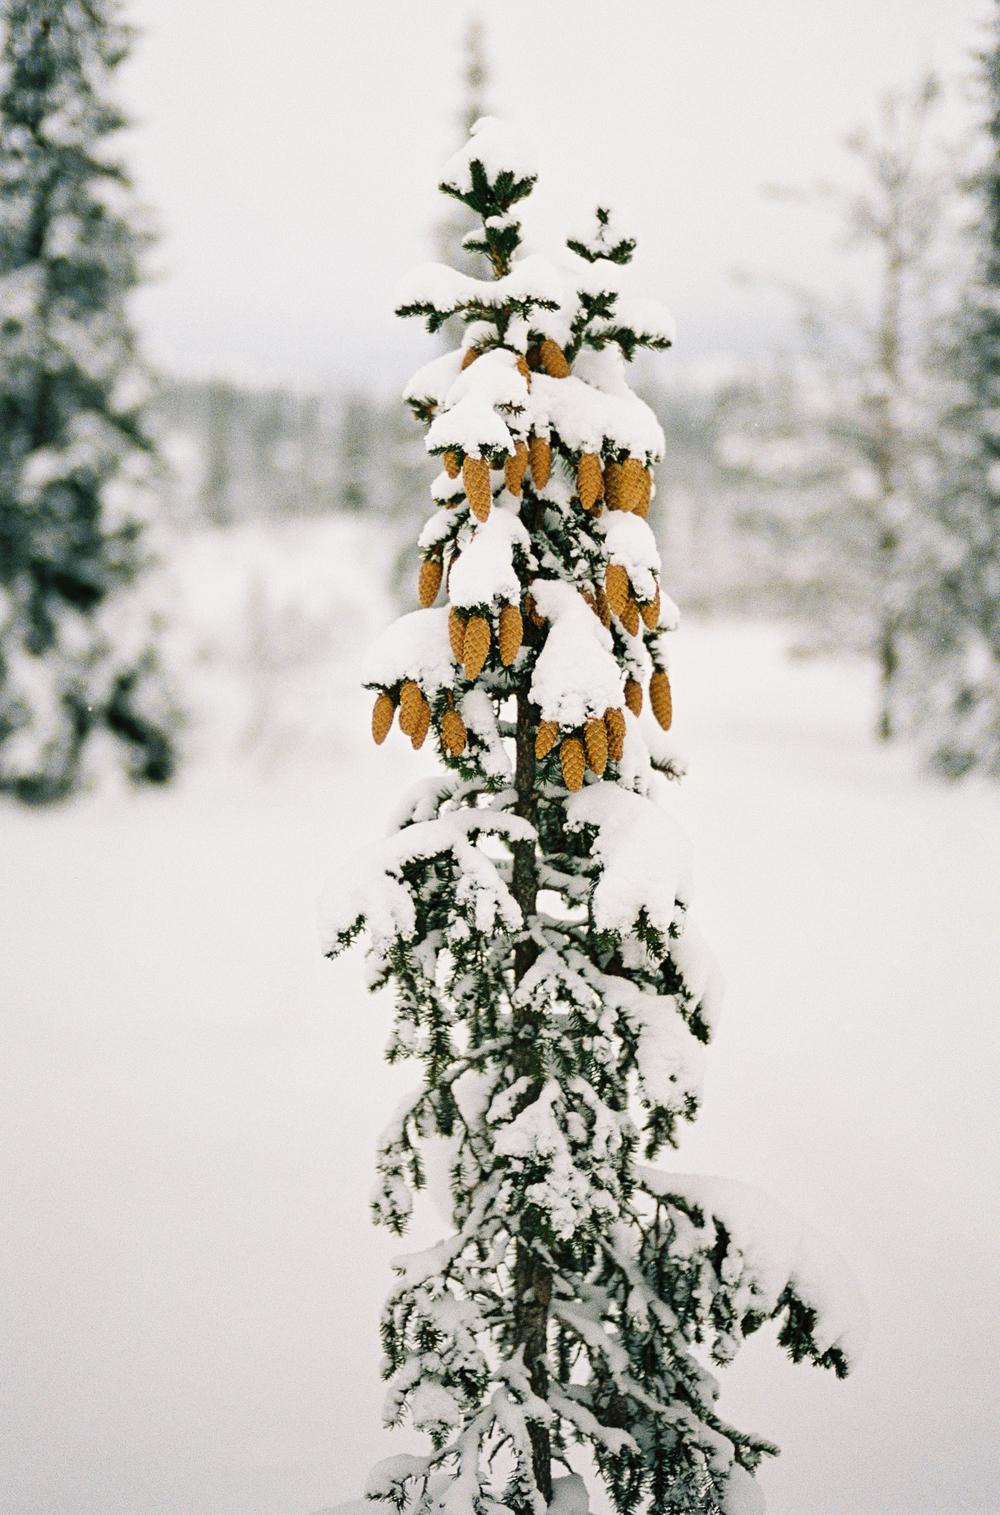 Tuddal-vinter-RPL-Portra400-12.jpg